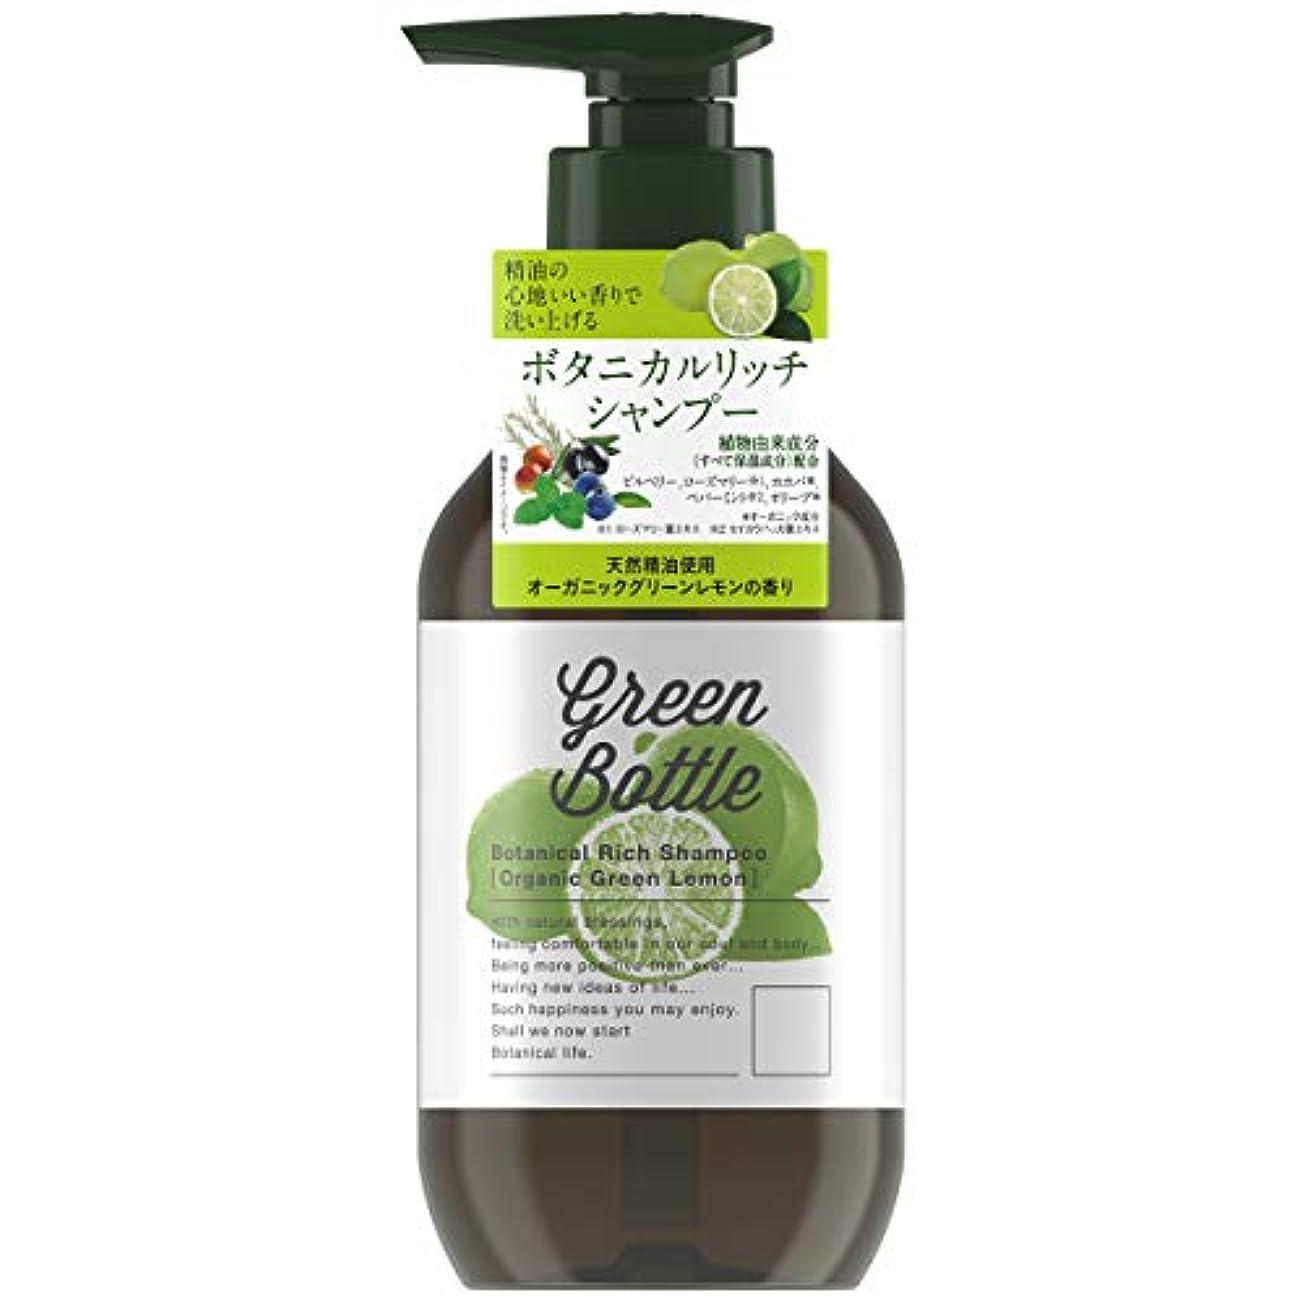 に賛成電話に出るゴミ箱を空にするグリーンボトルボタニカルリッチシャンプー(オーガニックグリーンレモンの香り) 490ml